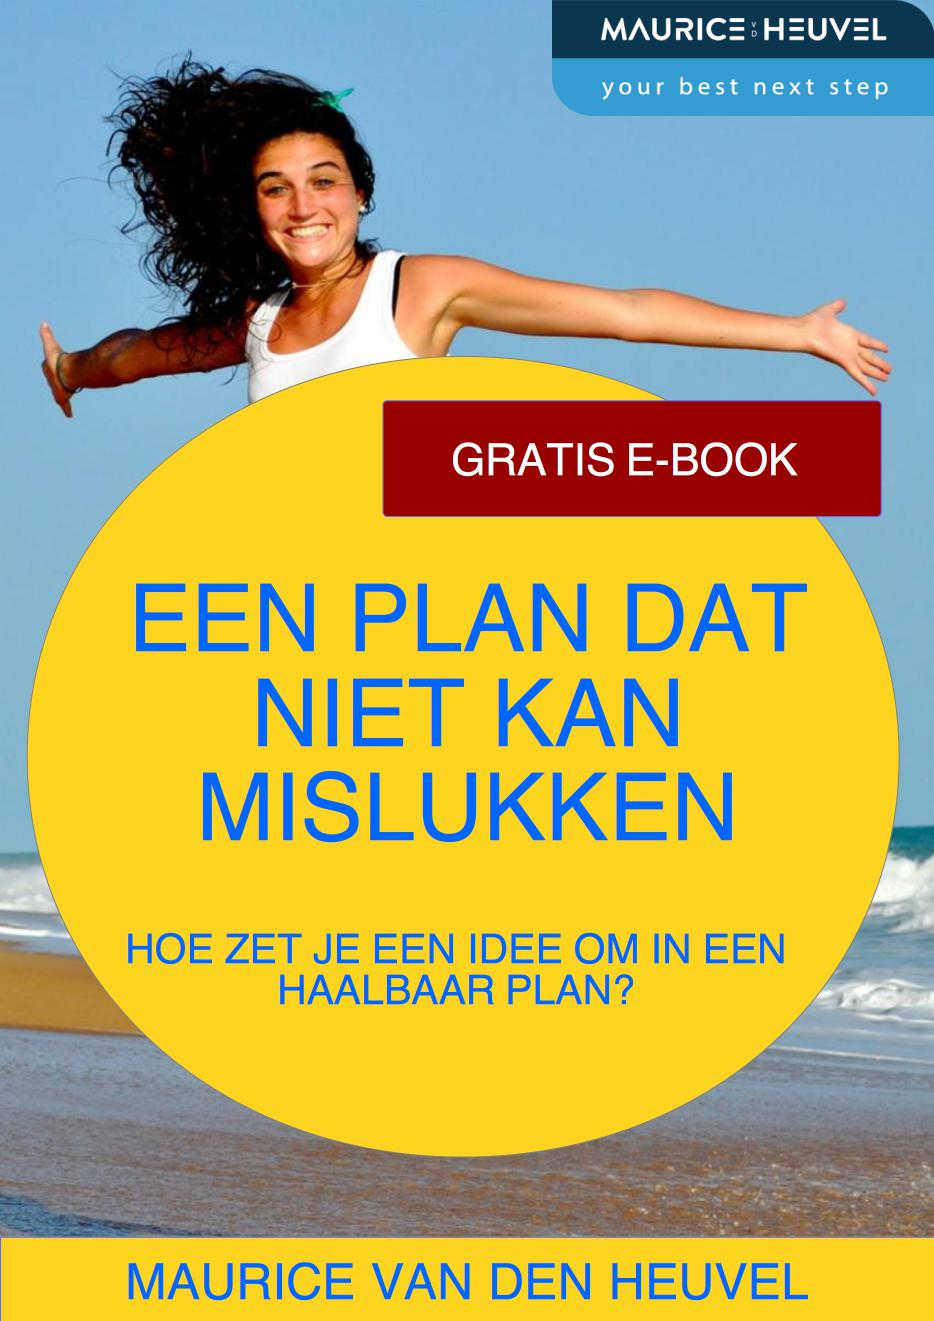 E-book van Maurice van den Heuvel